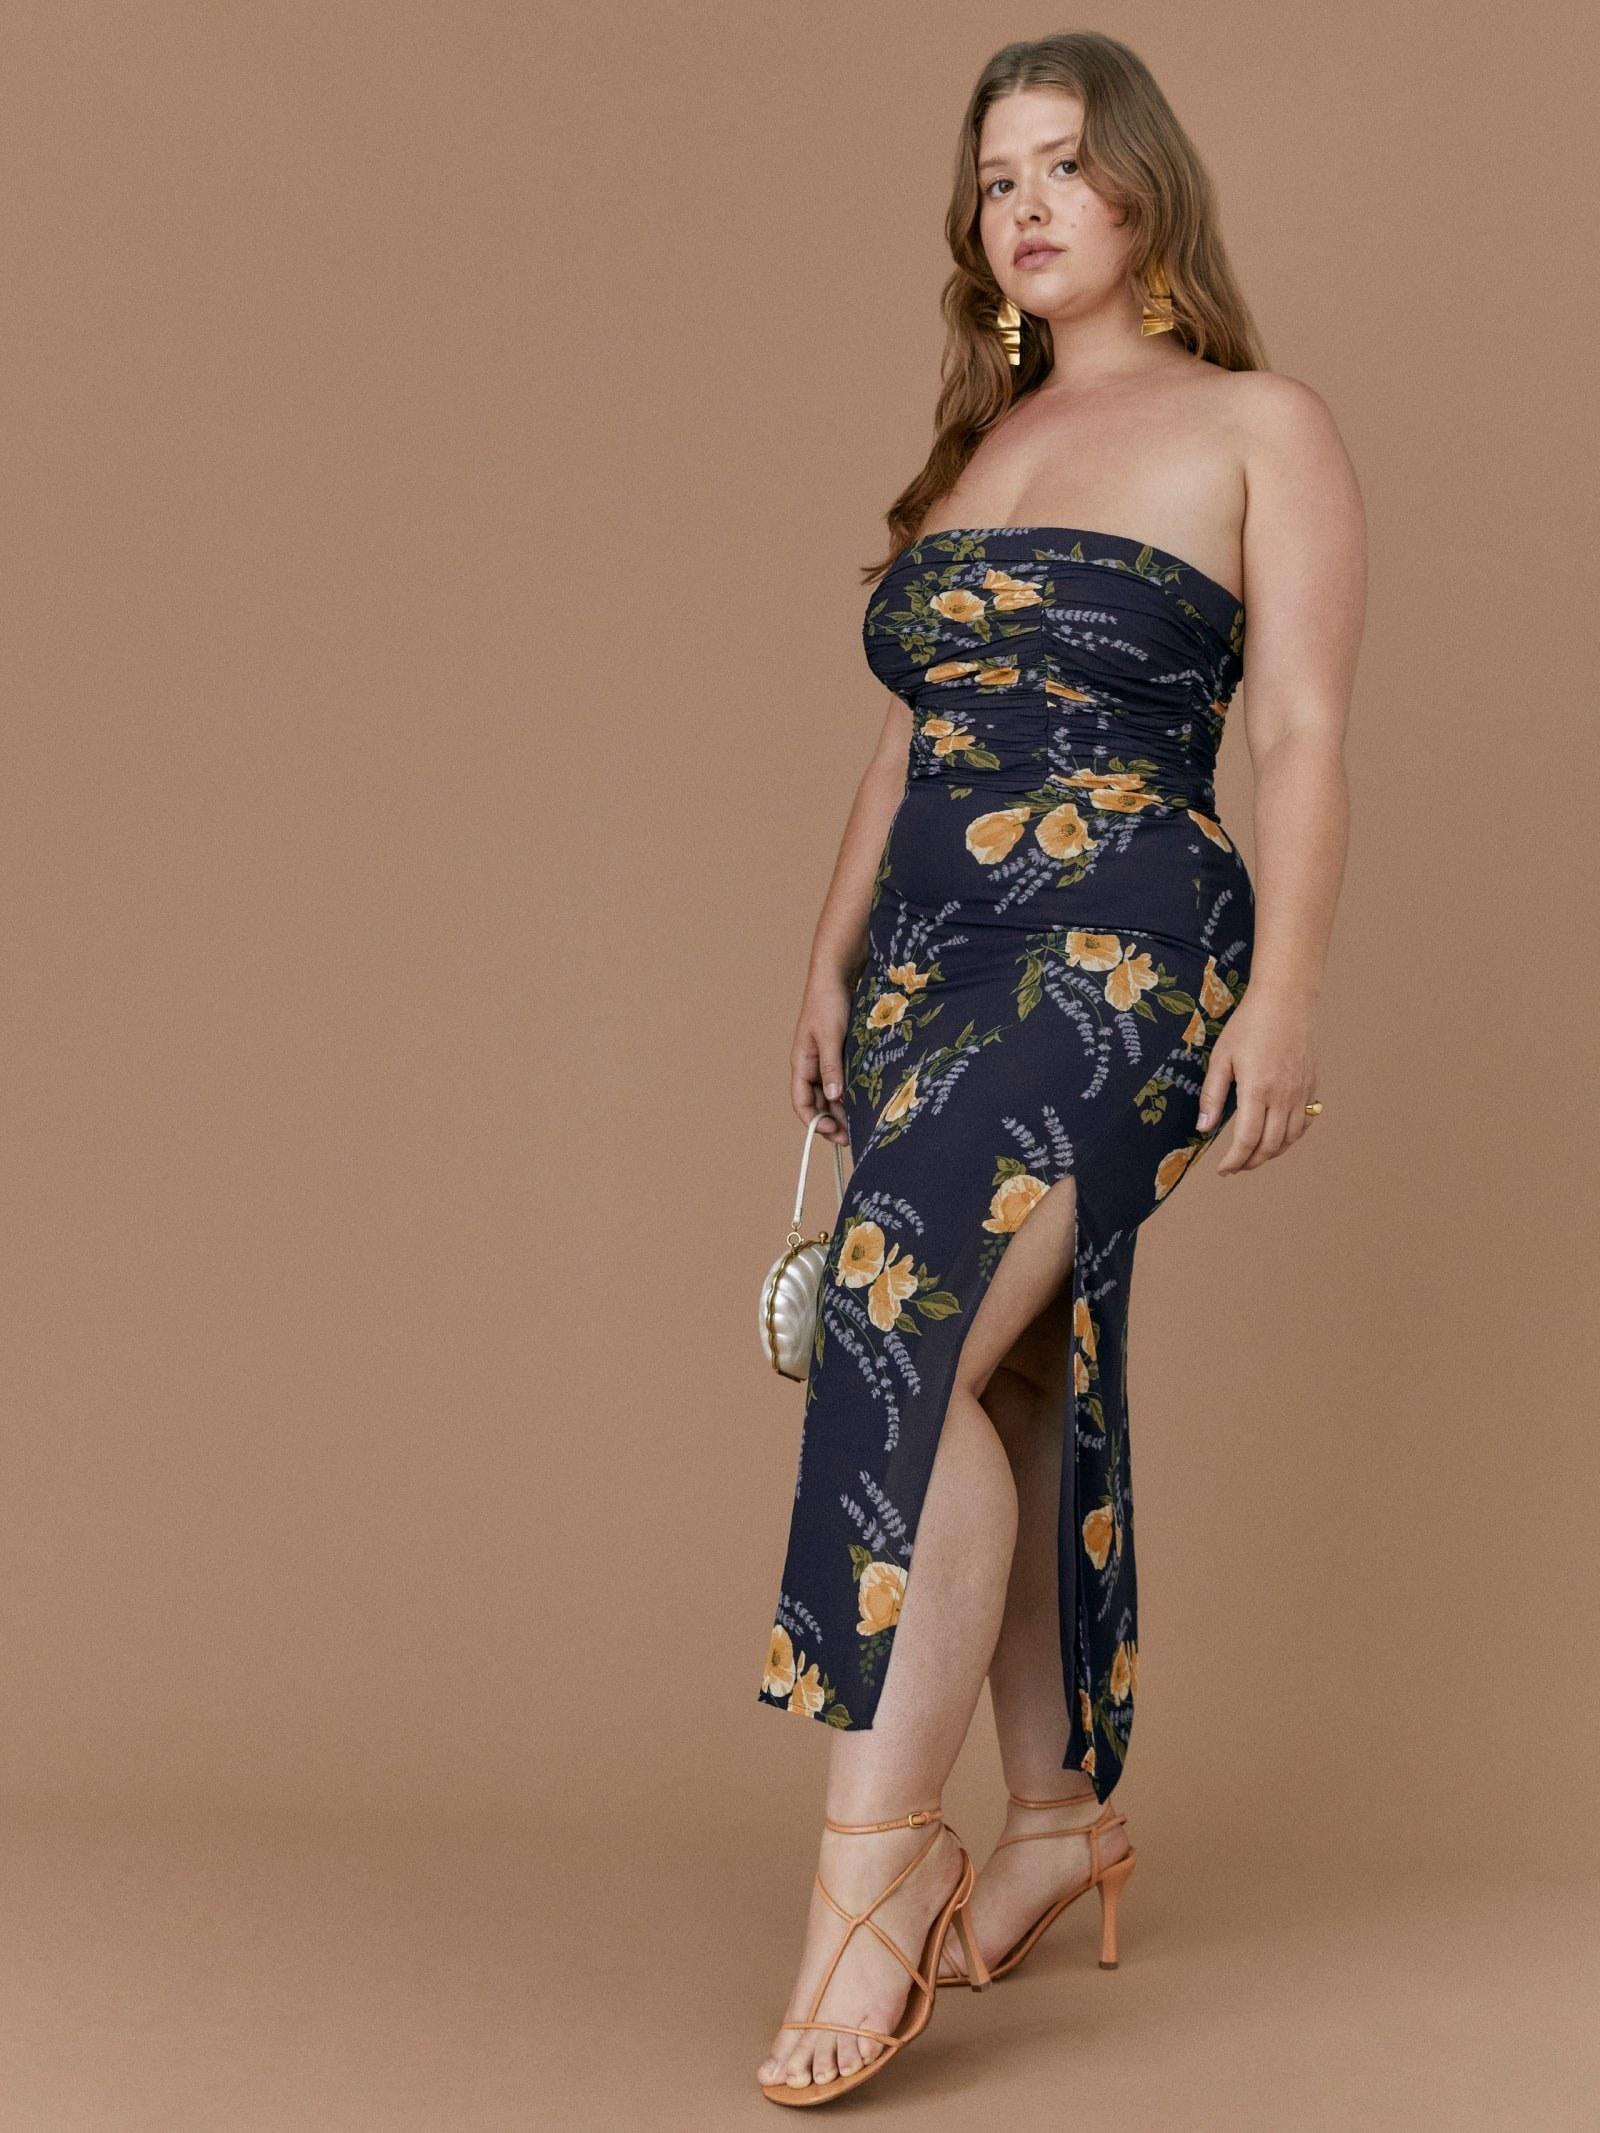 Model wearing blue tube top dress